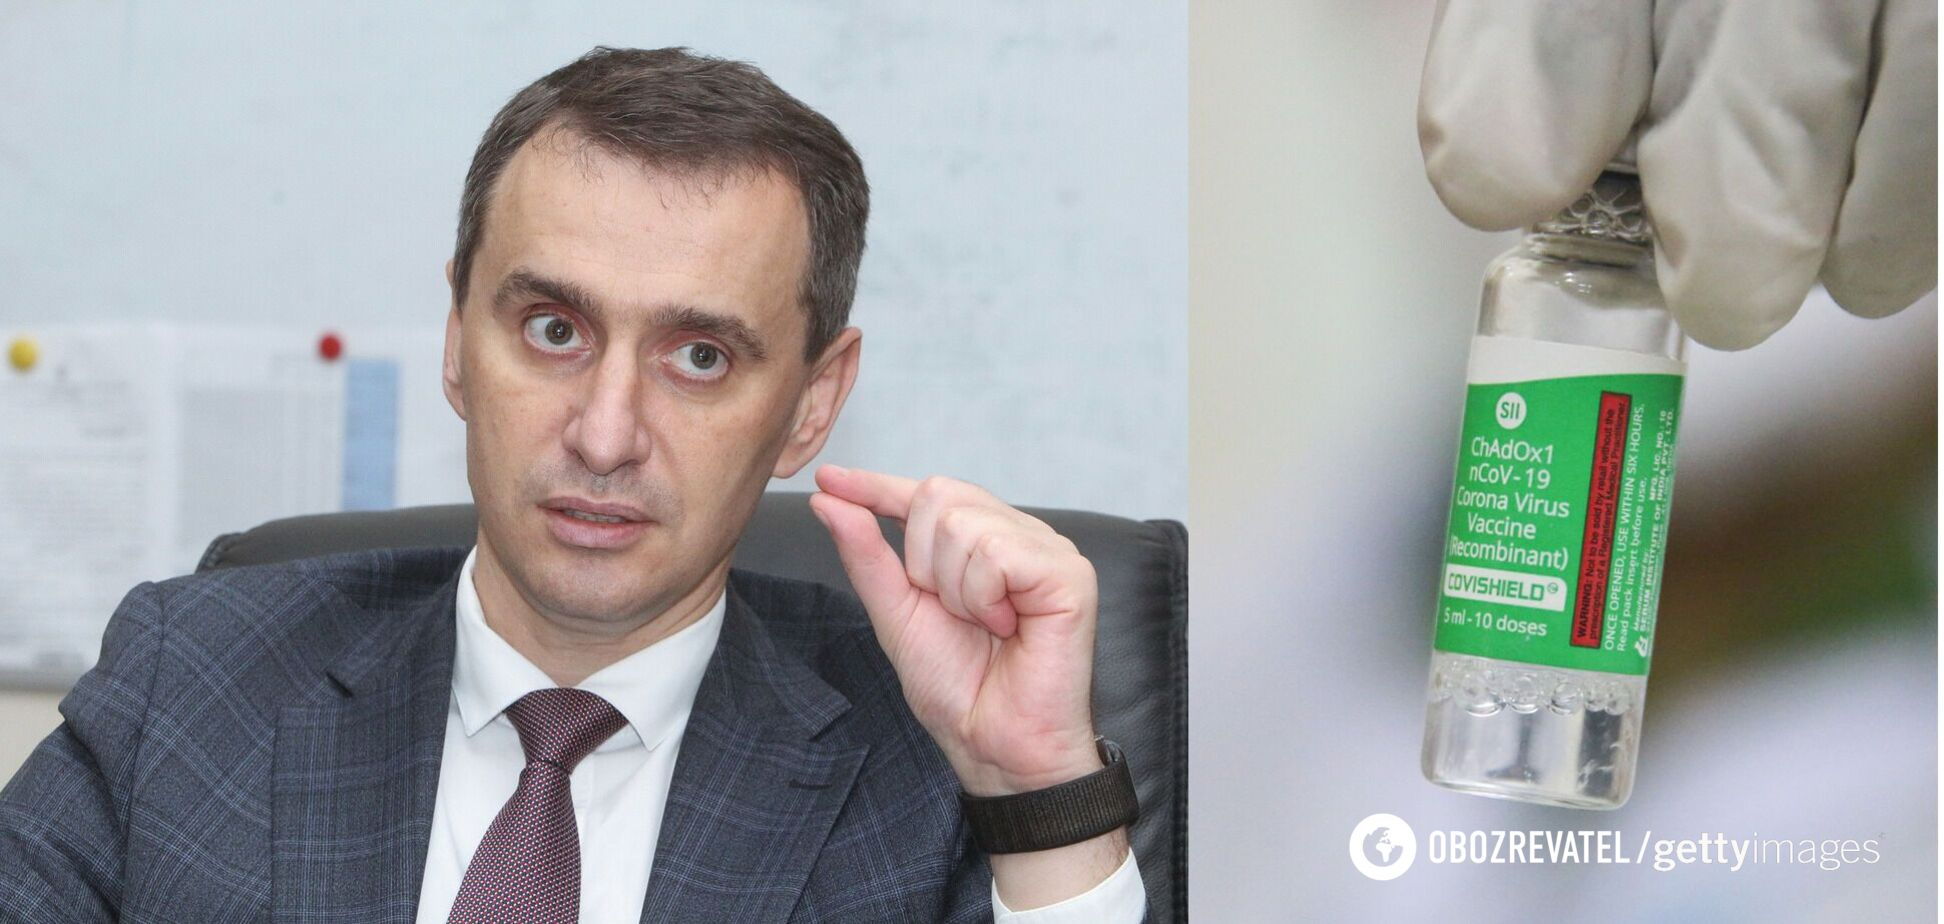 Ляшко відповів, чому вакцину AstraZeneca зареєстрували після вильоту в Україну